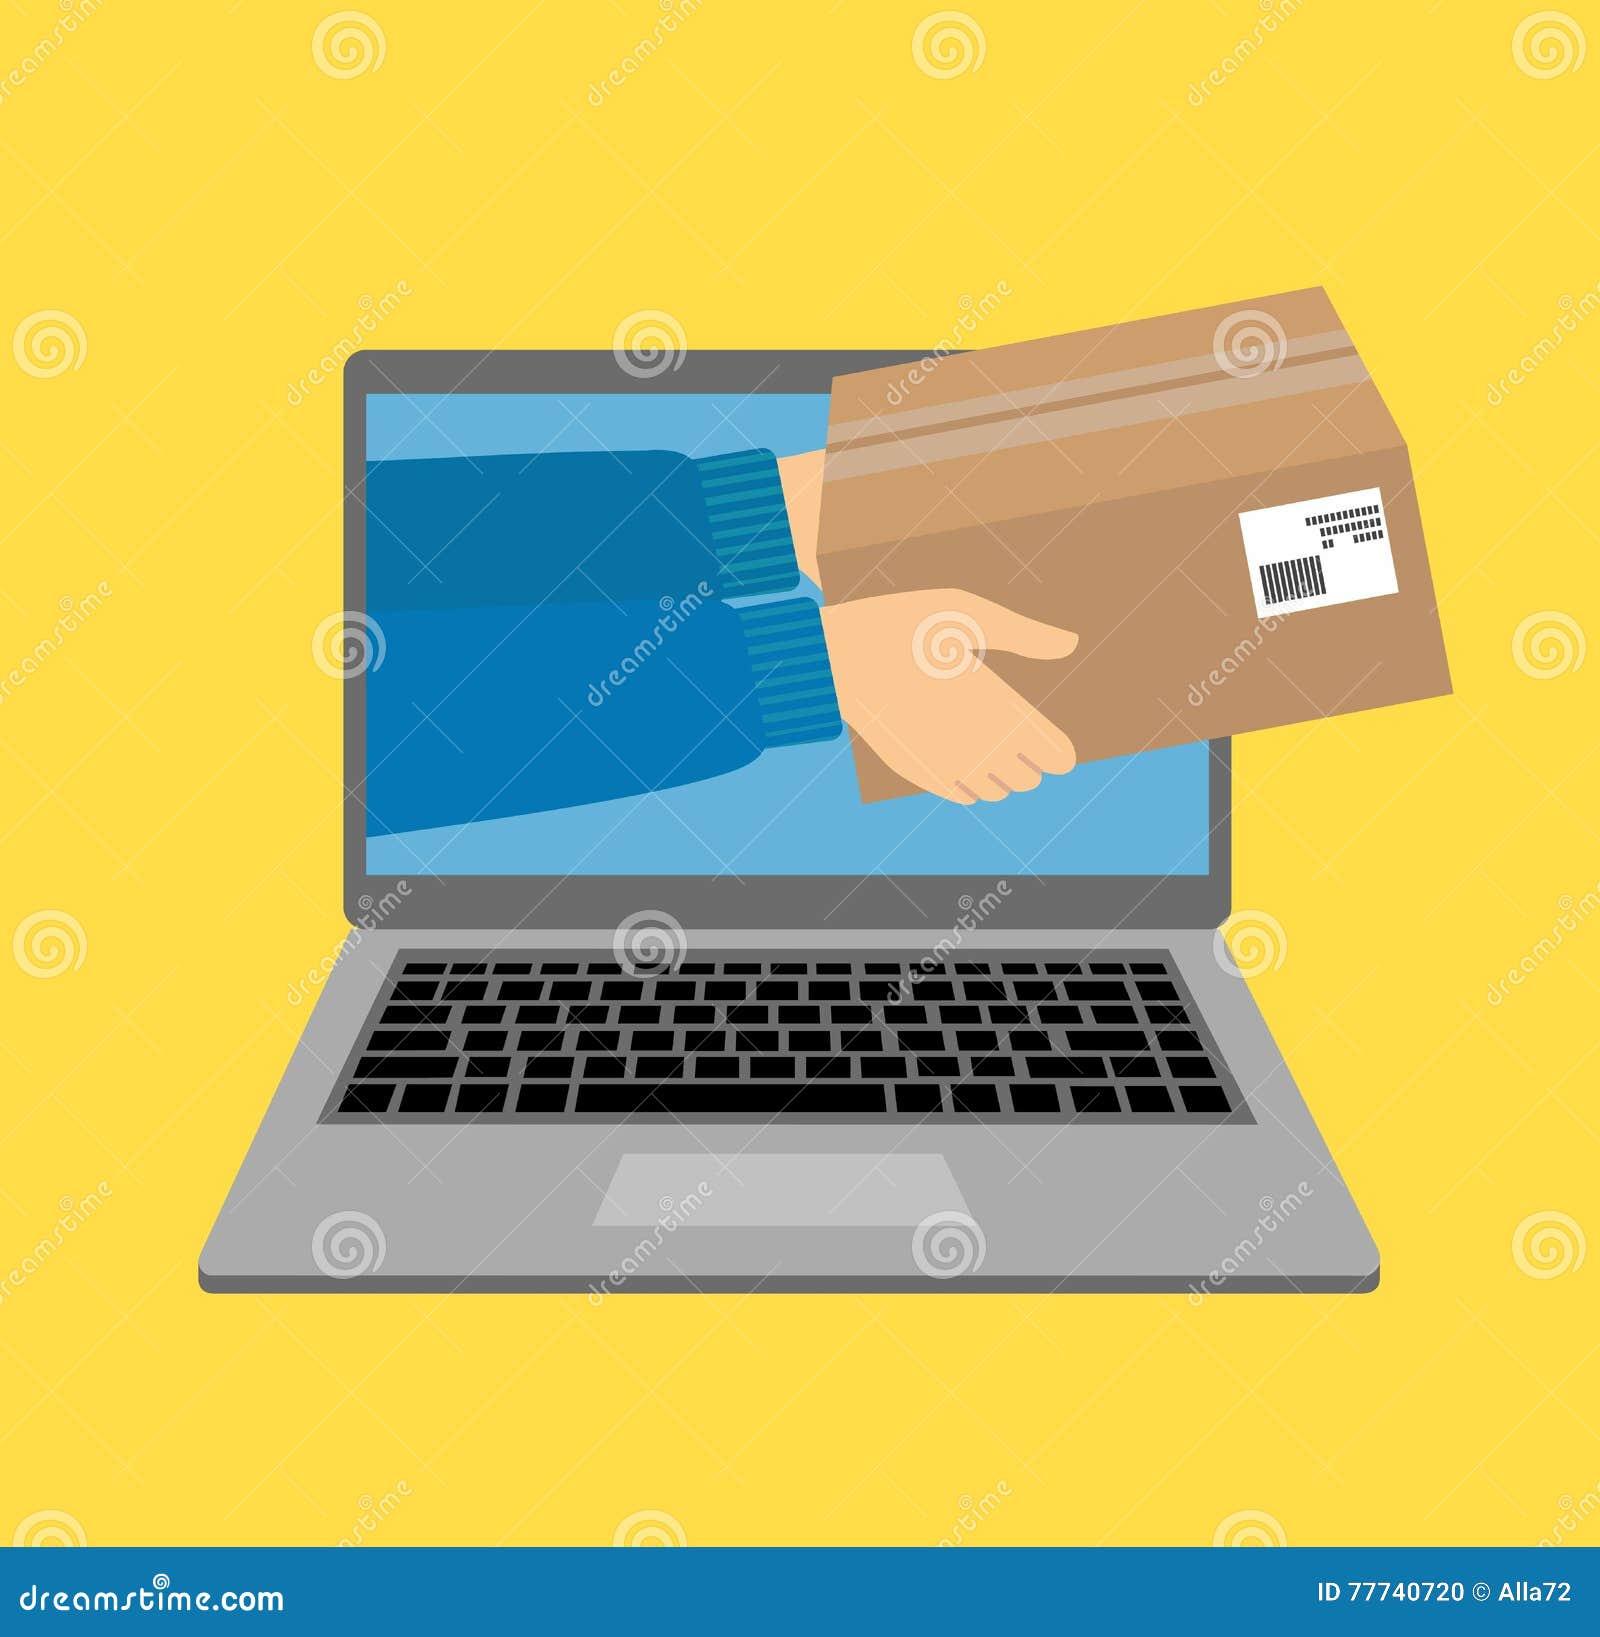 Vector il concetto dell illustrazione per servizio di distribuzione del regalo, il commercio elettronico, acquisto online, riceve